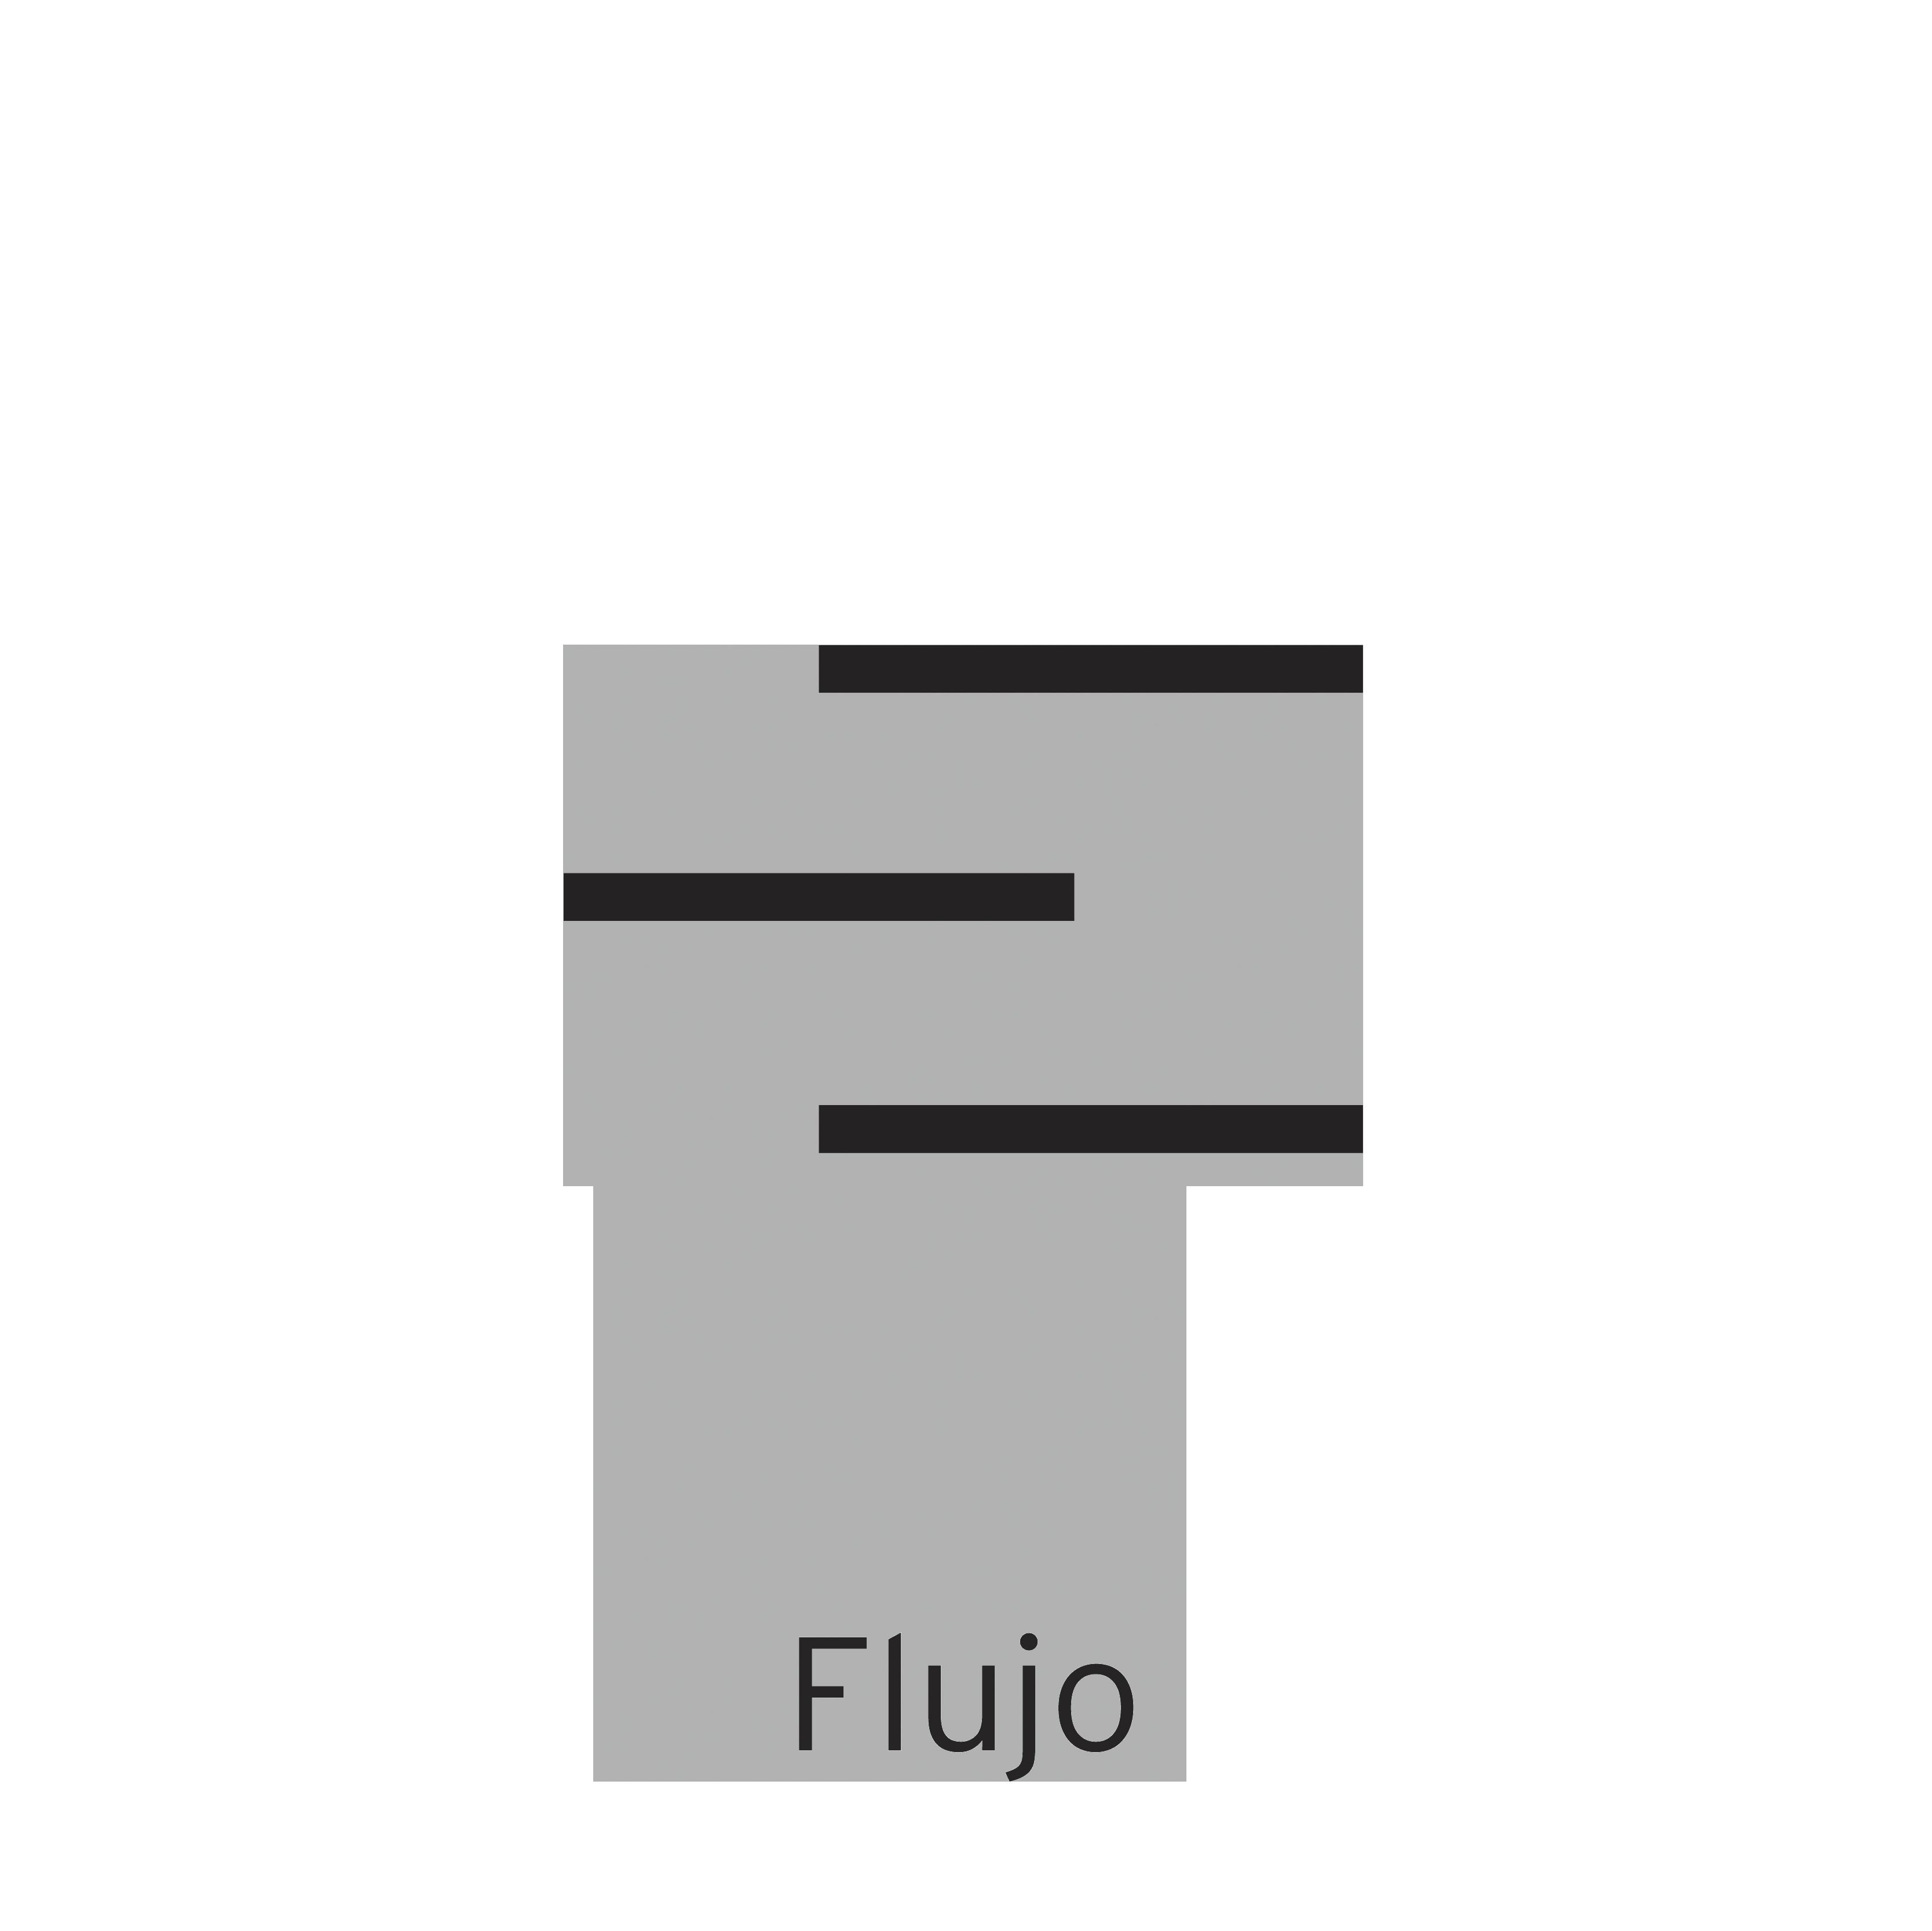 Flujo